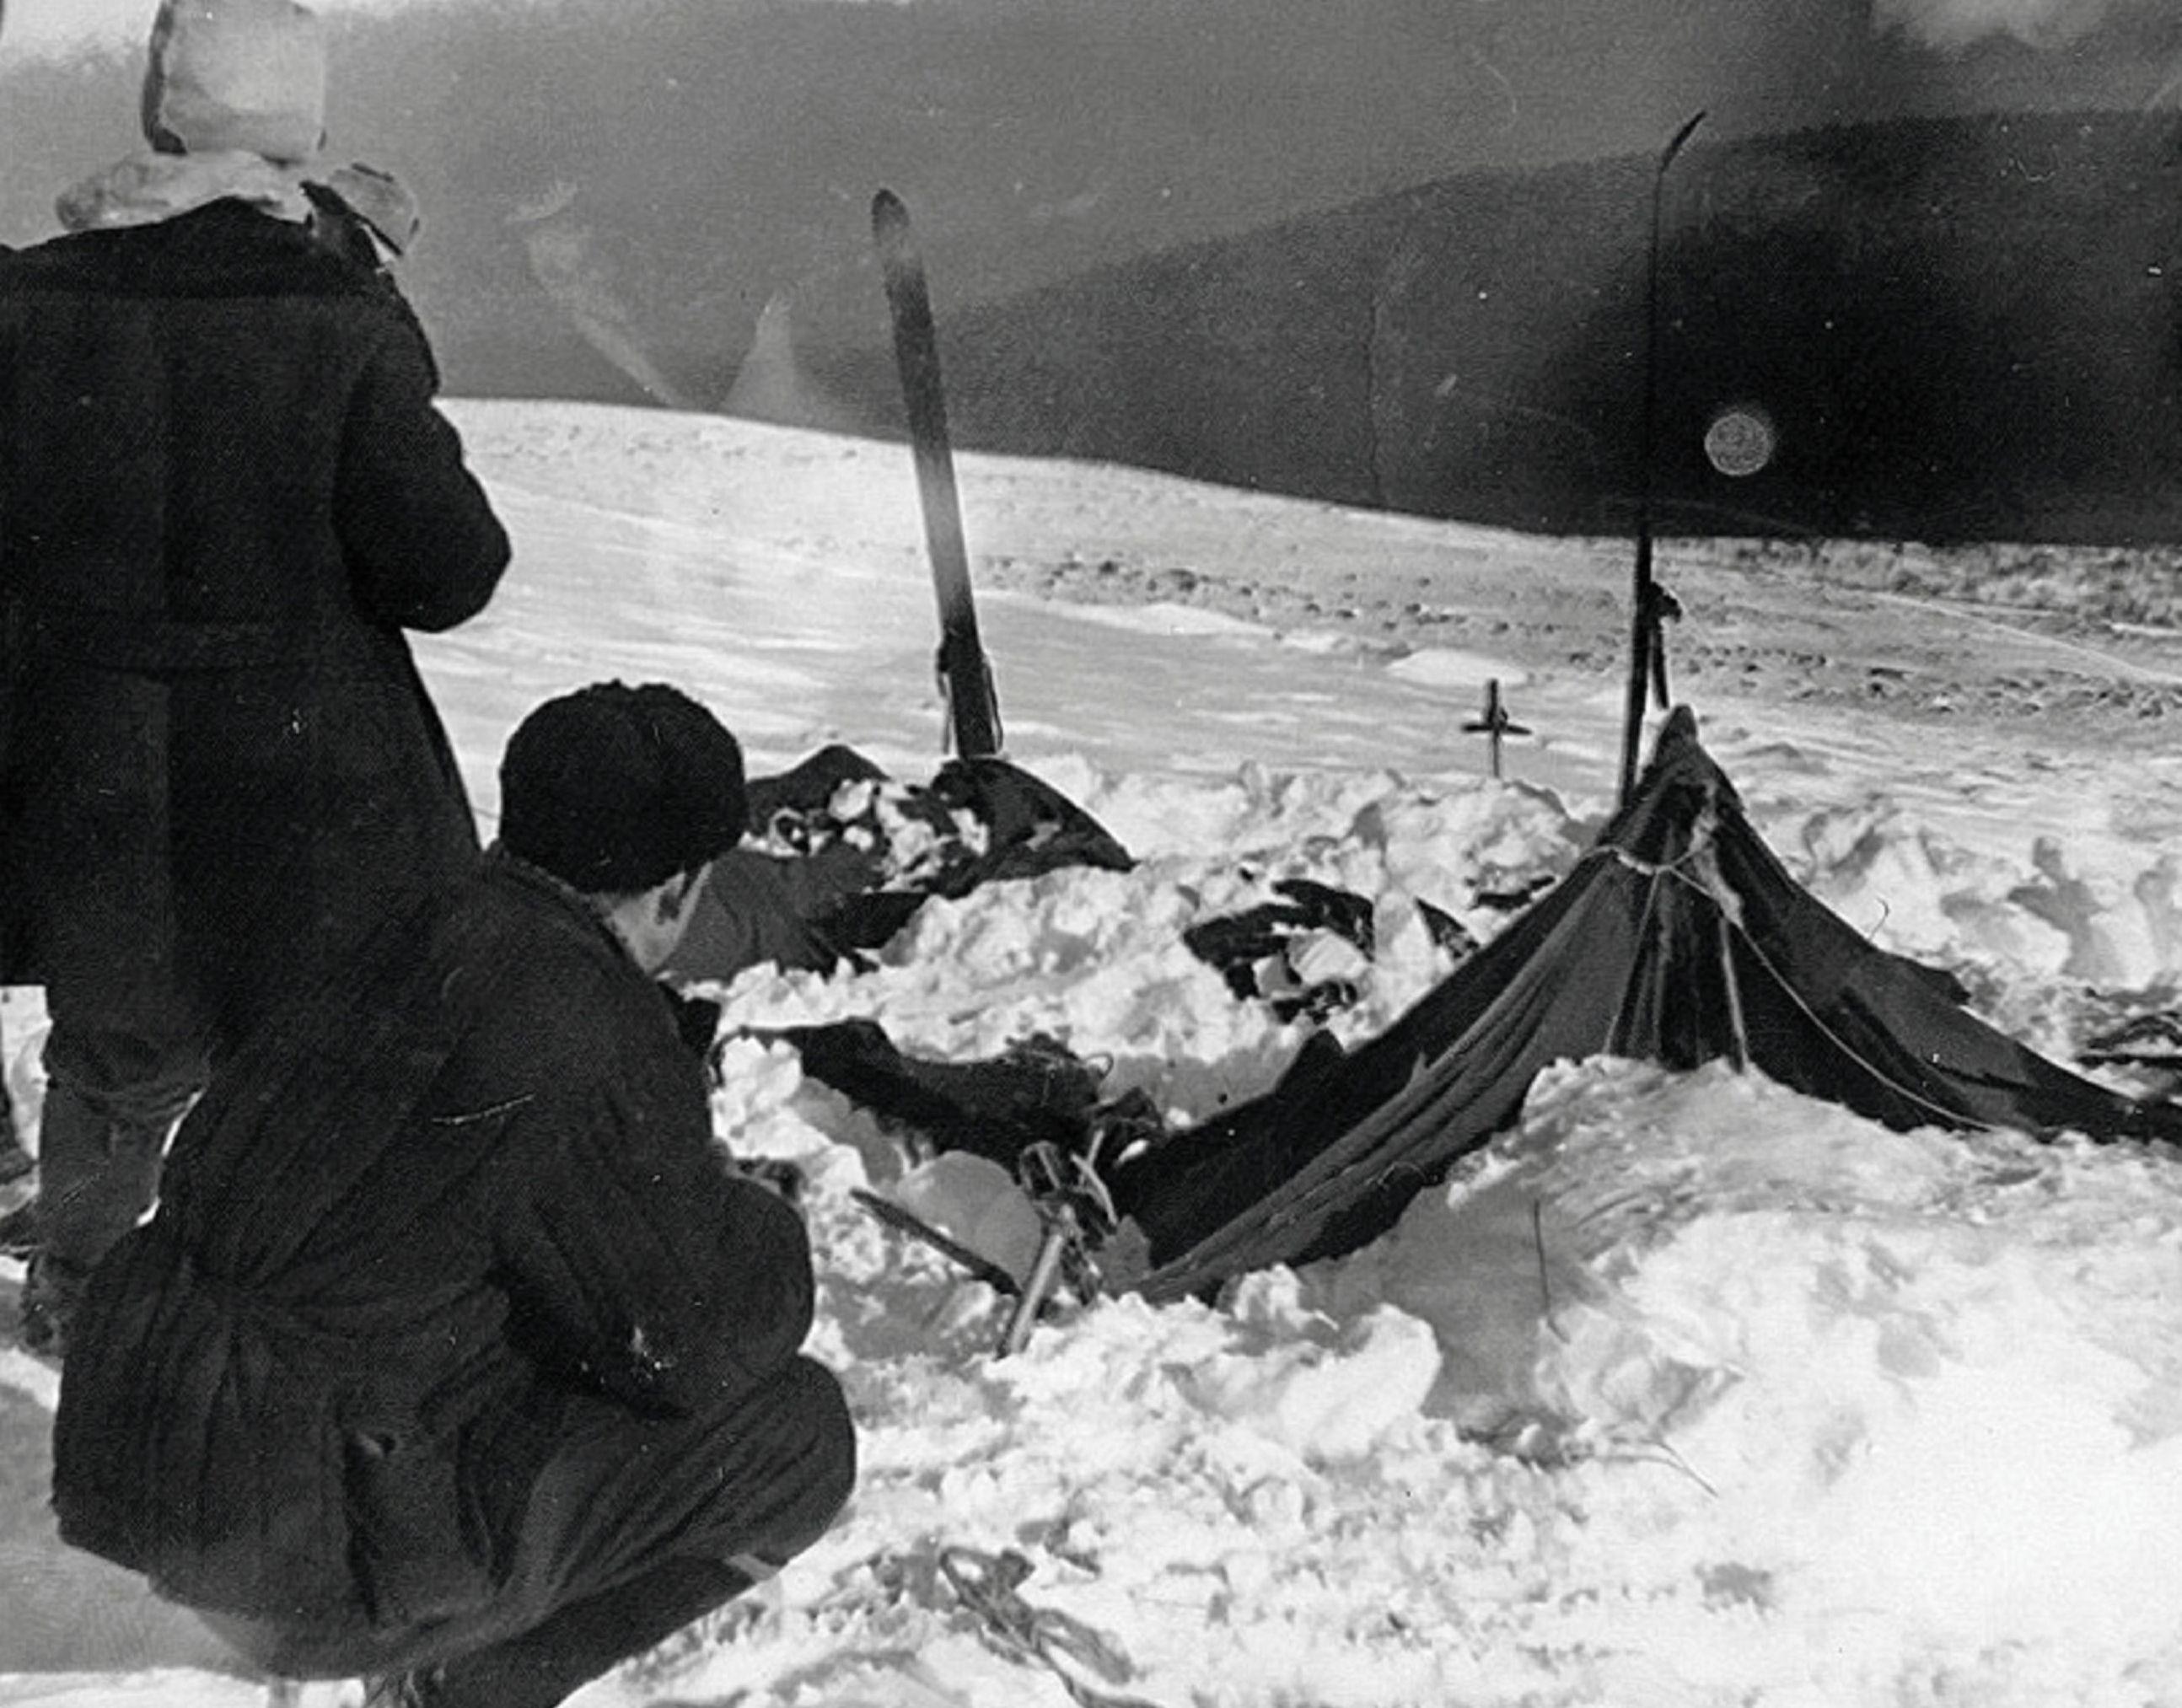 Частично раскопанная от снега палатка группы Дятлова